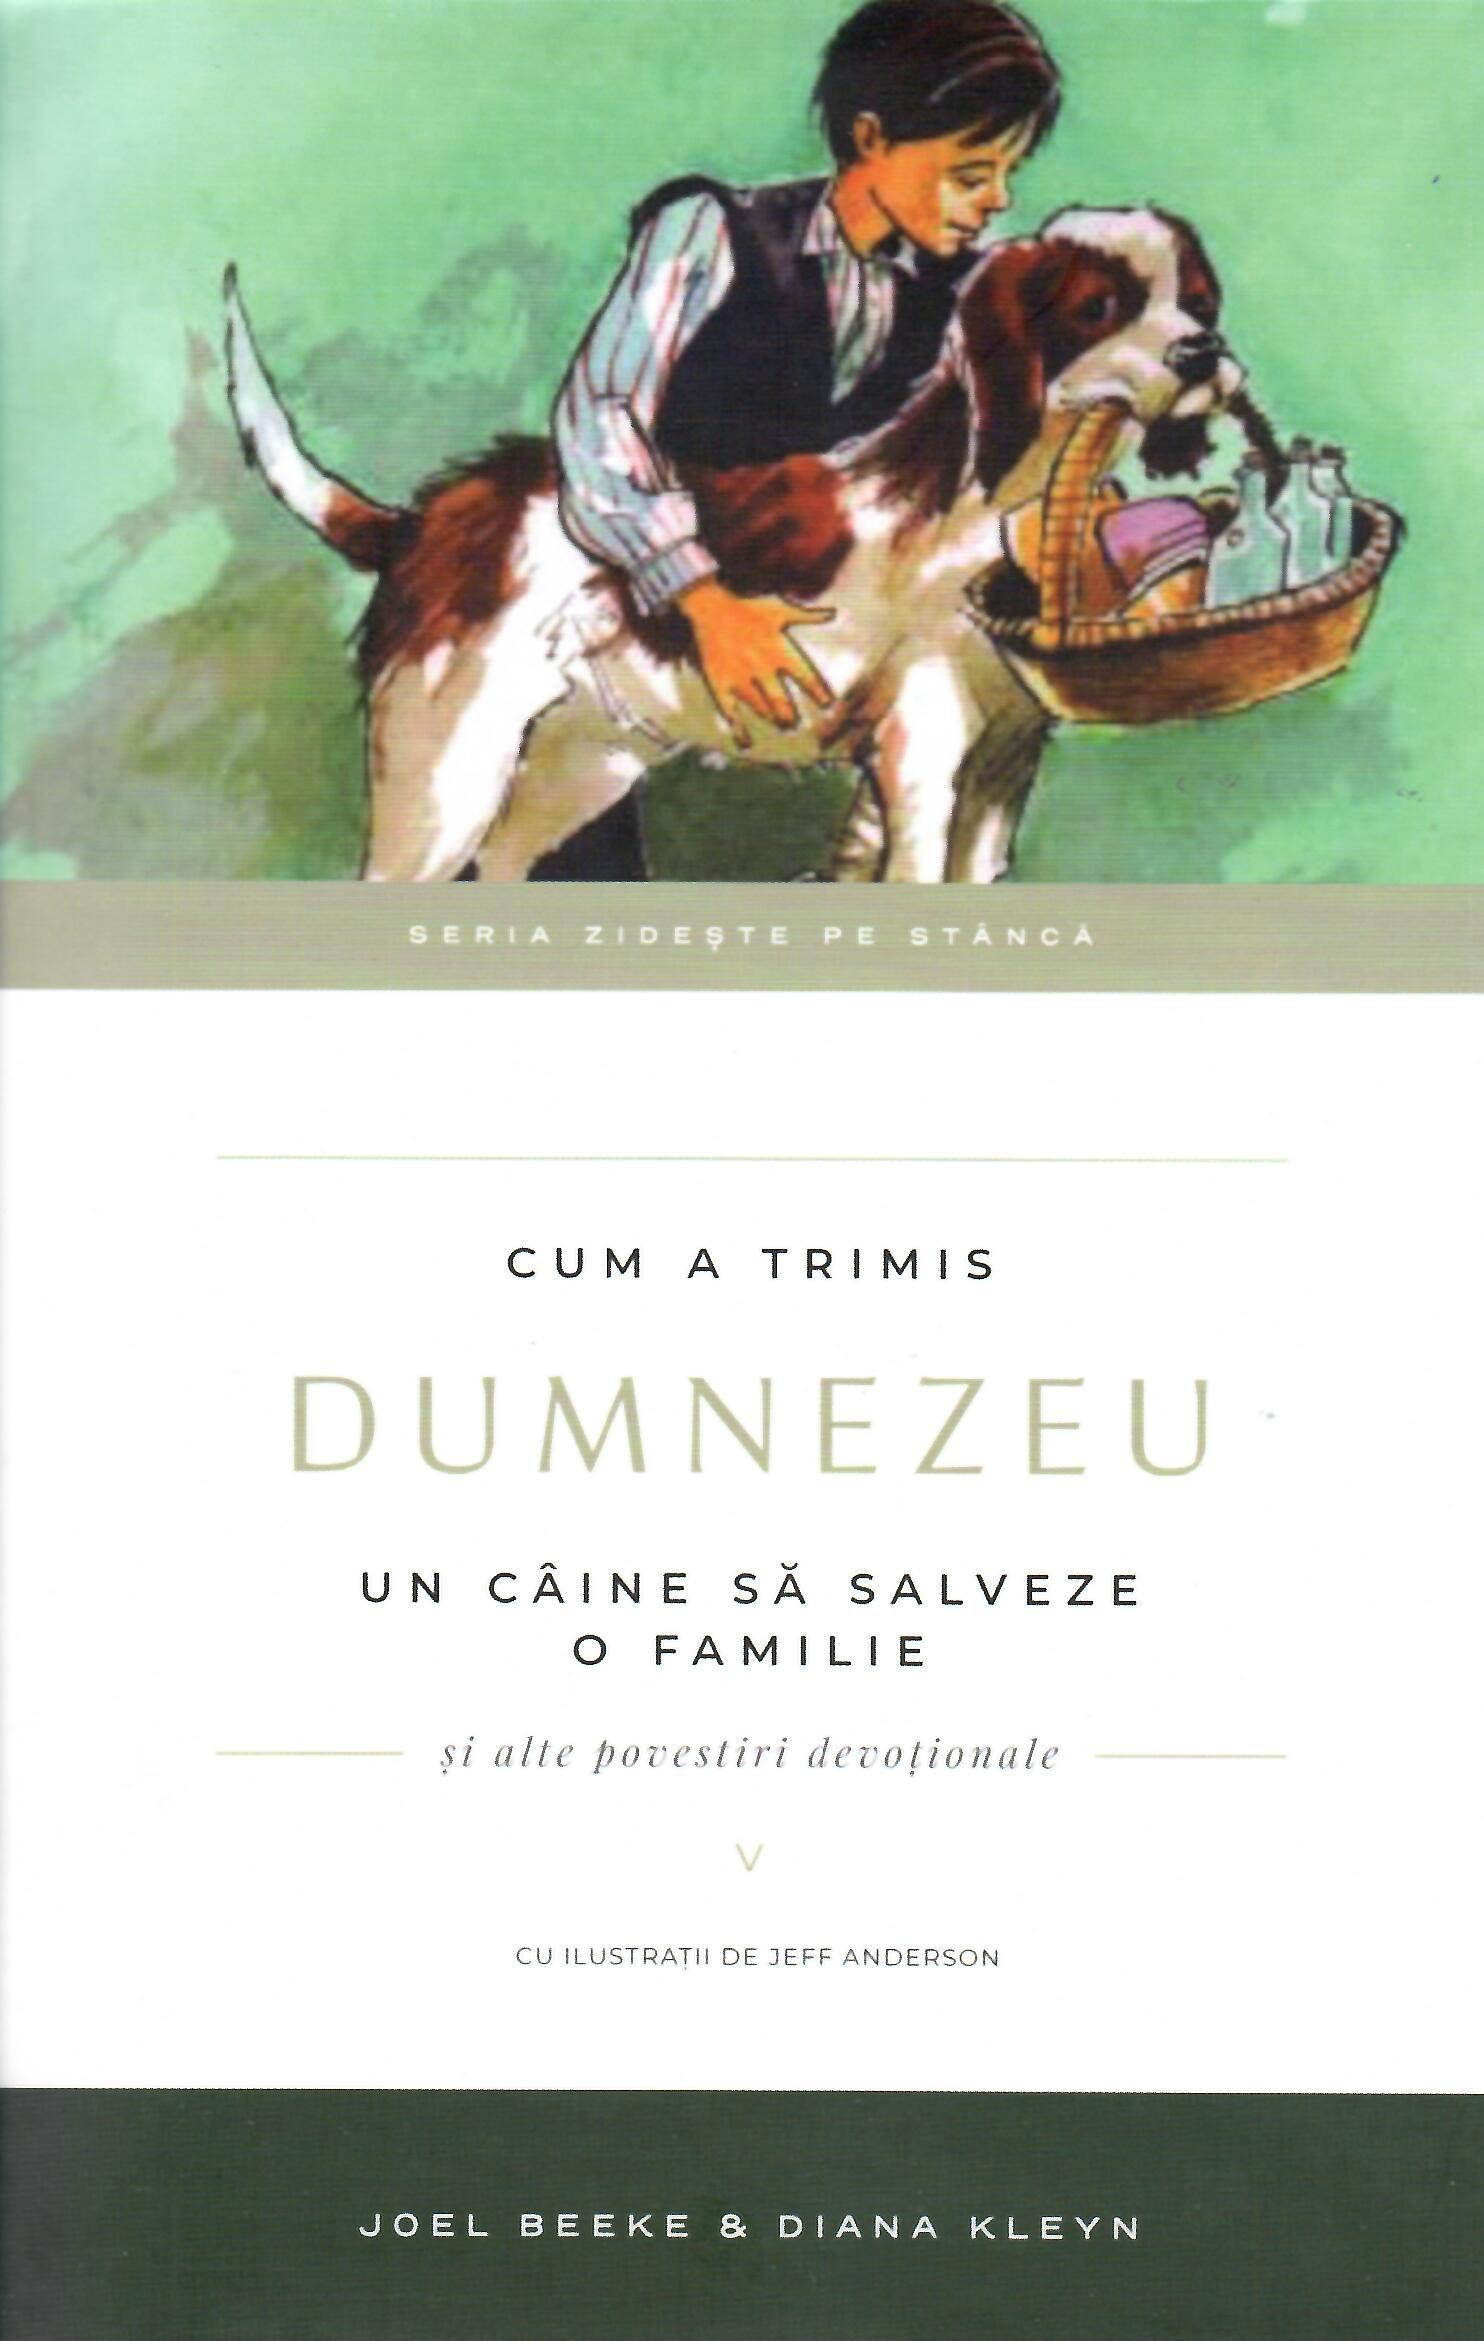 Cum a trimis Dumnezeu un câine să salveze o familie, vol 5